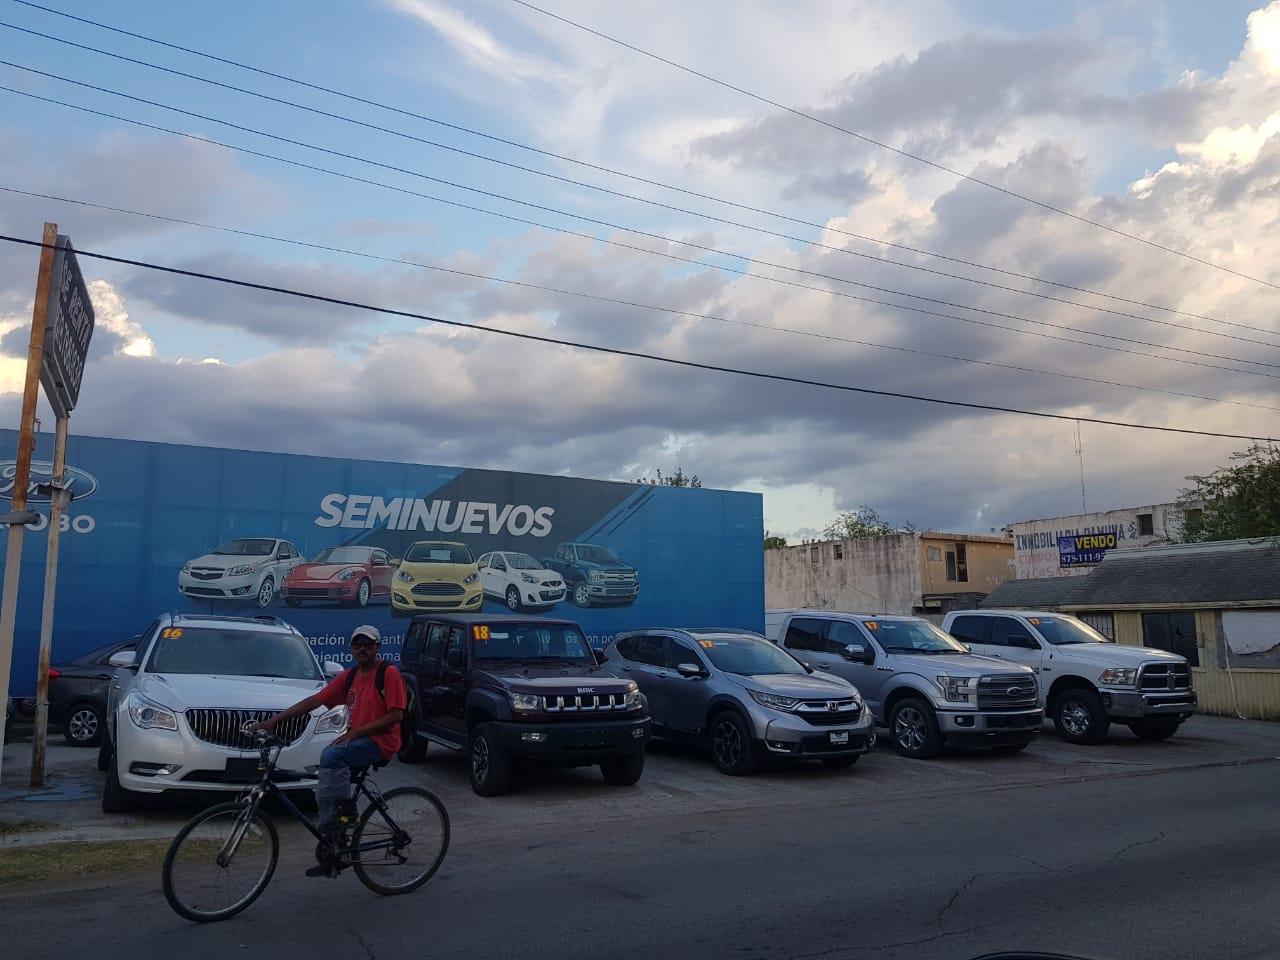 Venta de Terreno Comercial, Av. San Luis y Calle Mérida entre Av. López Mateos y Calle Coahuila, Col. Roma, Piedras Negras Coahuila. (VT #244)